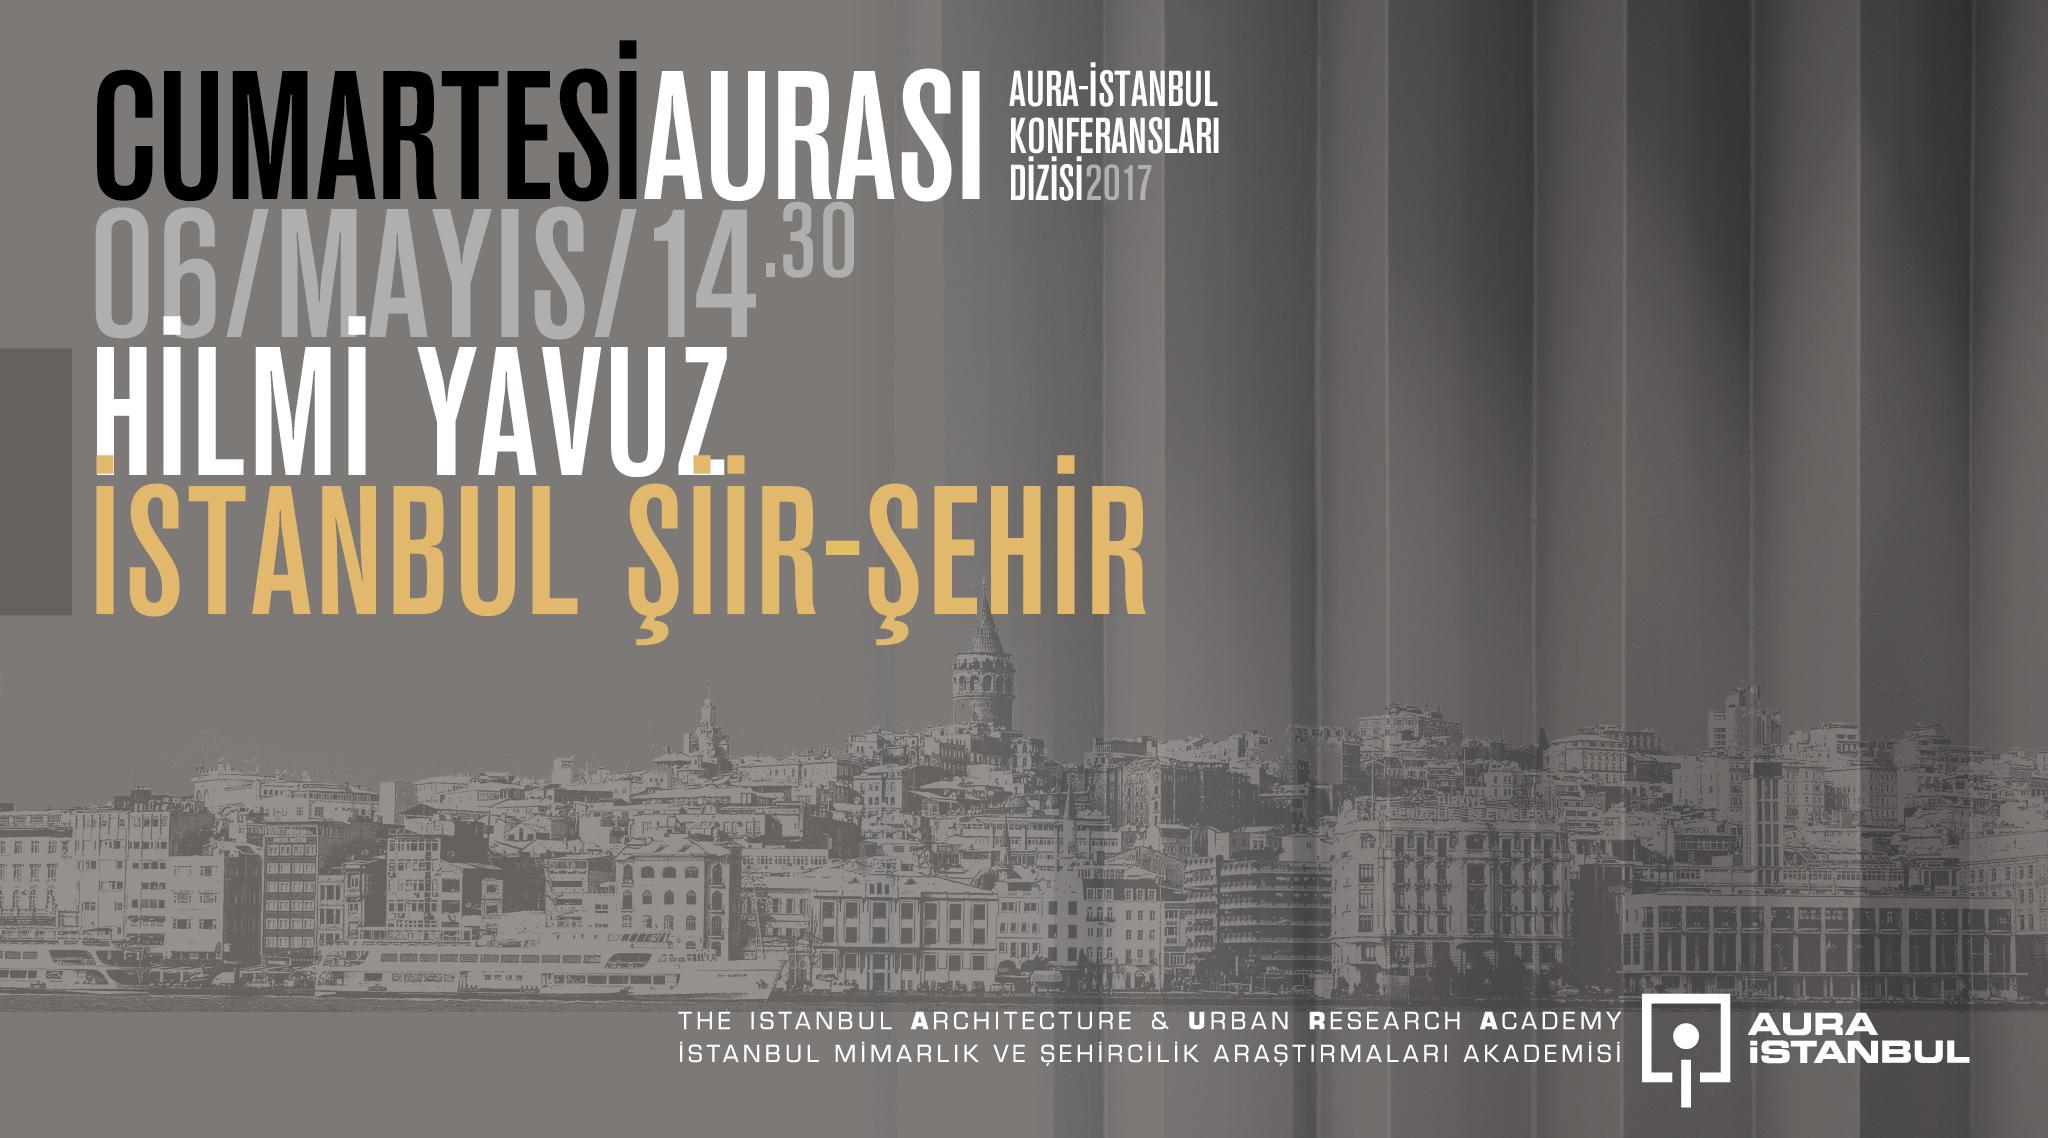 İstanbul Şiir – Şehir